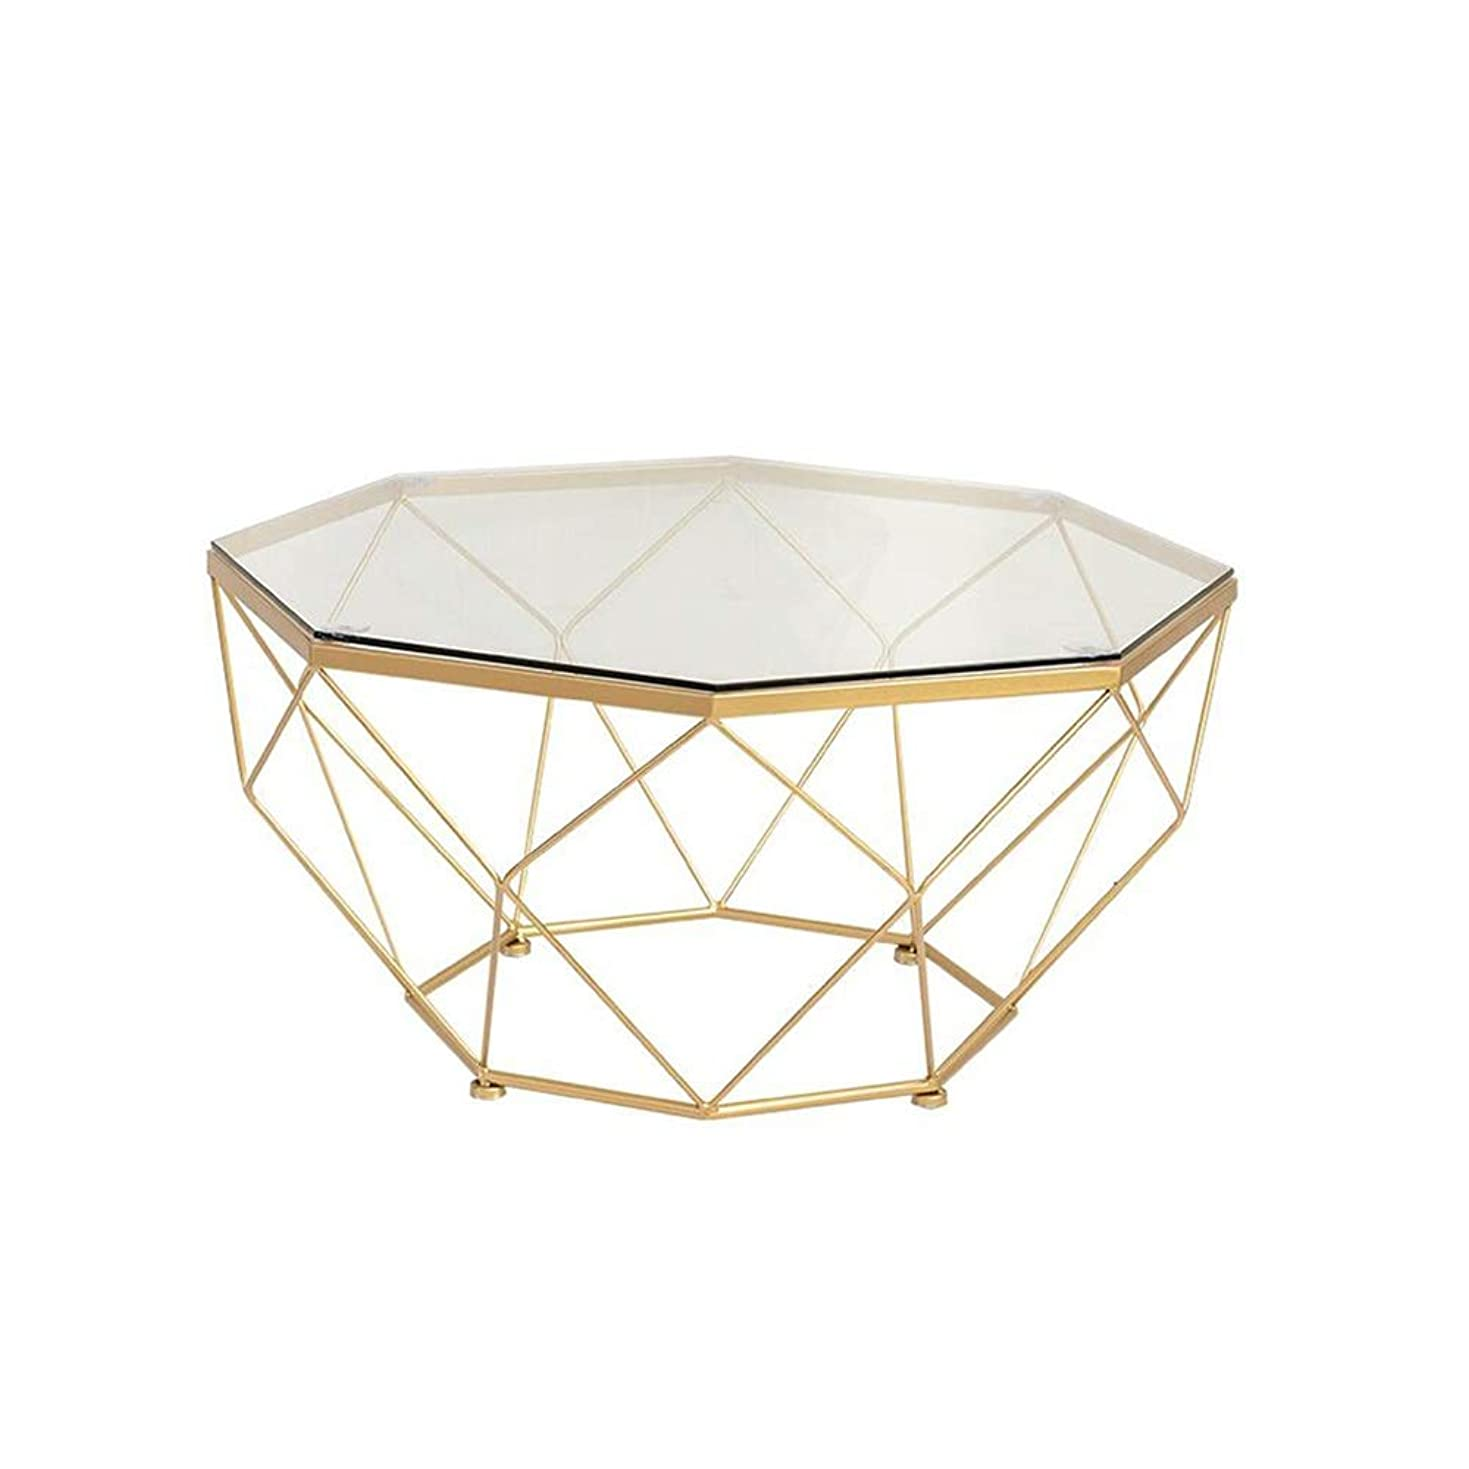 クルーゴールドオーラルXIAOYAN サイドテーブル 北欧のコーヒーテーブル、スタイリッシュな強化ガラステーブルのリビングルーム錬鉄製のソファーサイドテーブルバルコニースナックテーブル - ゴールド57×57×45 cm